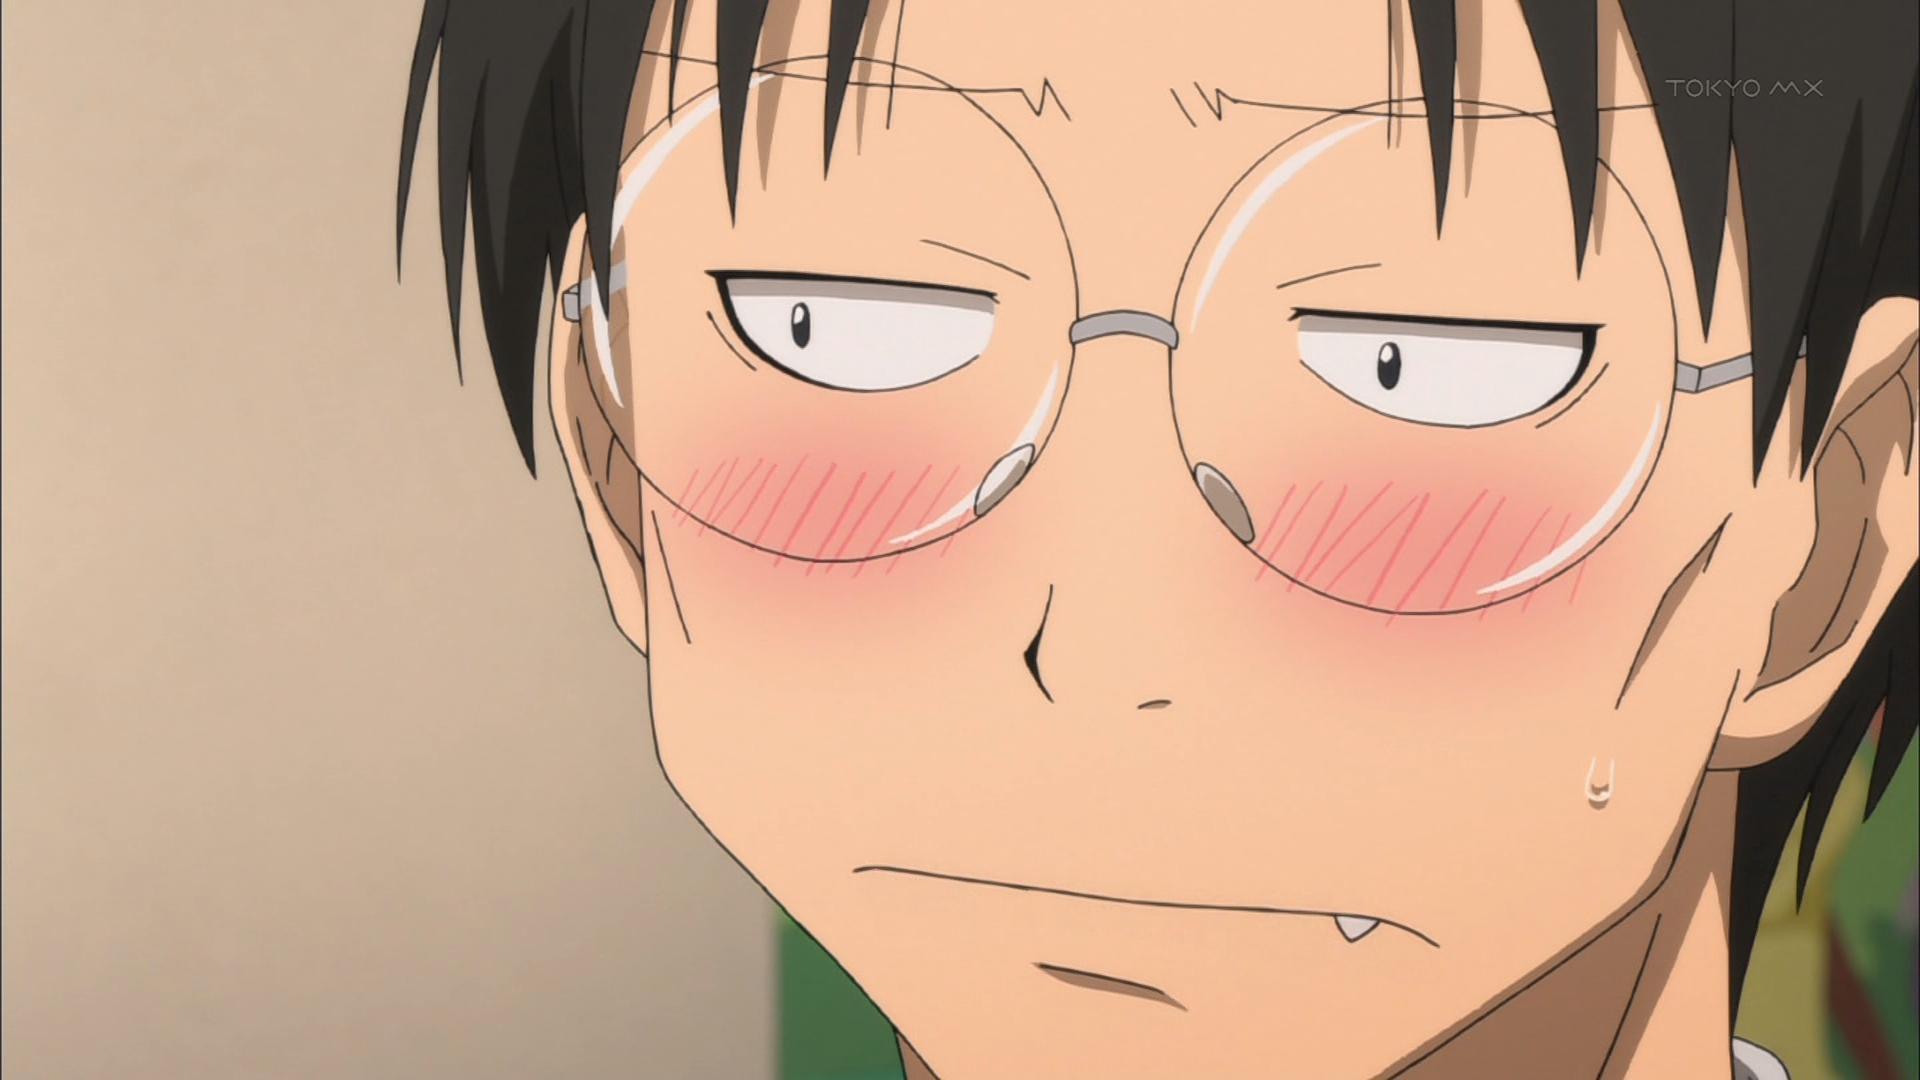 『げんしけん 二代目』第8話・・・完全にホモォ・・・回ww ずっと濃い目のオタトークだったな